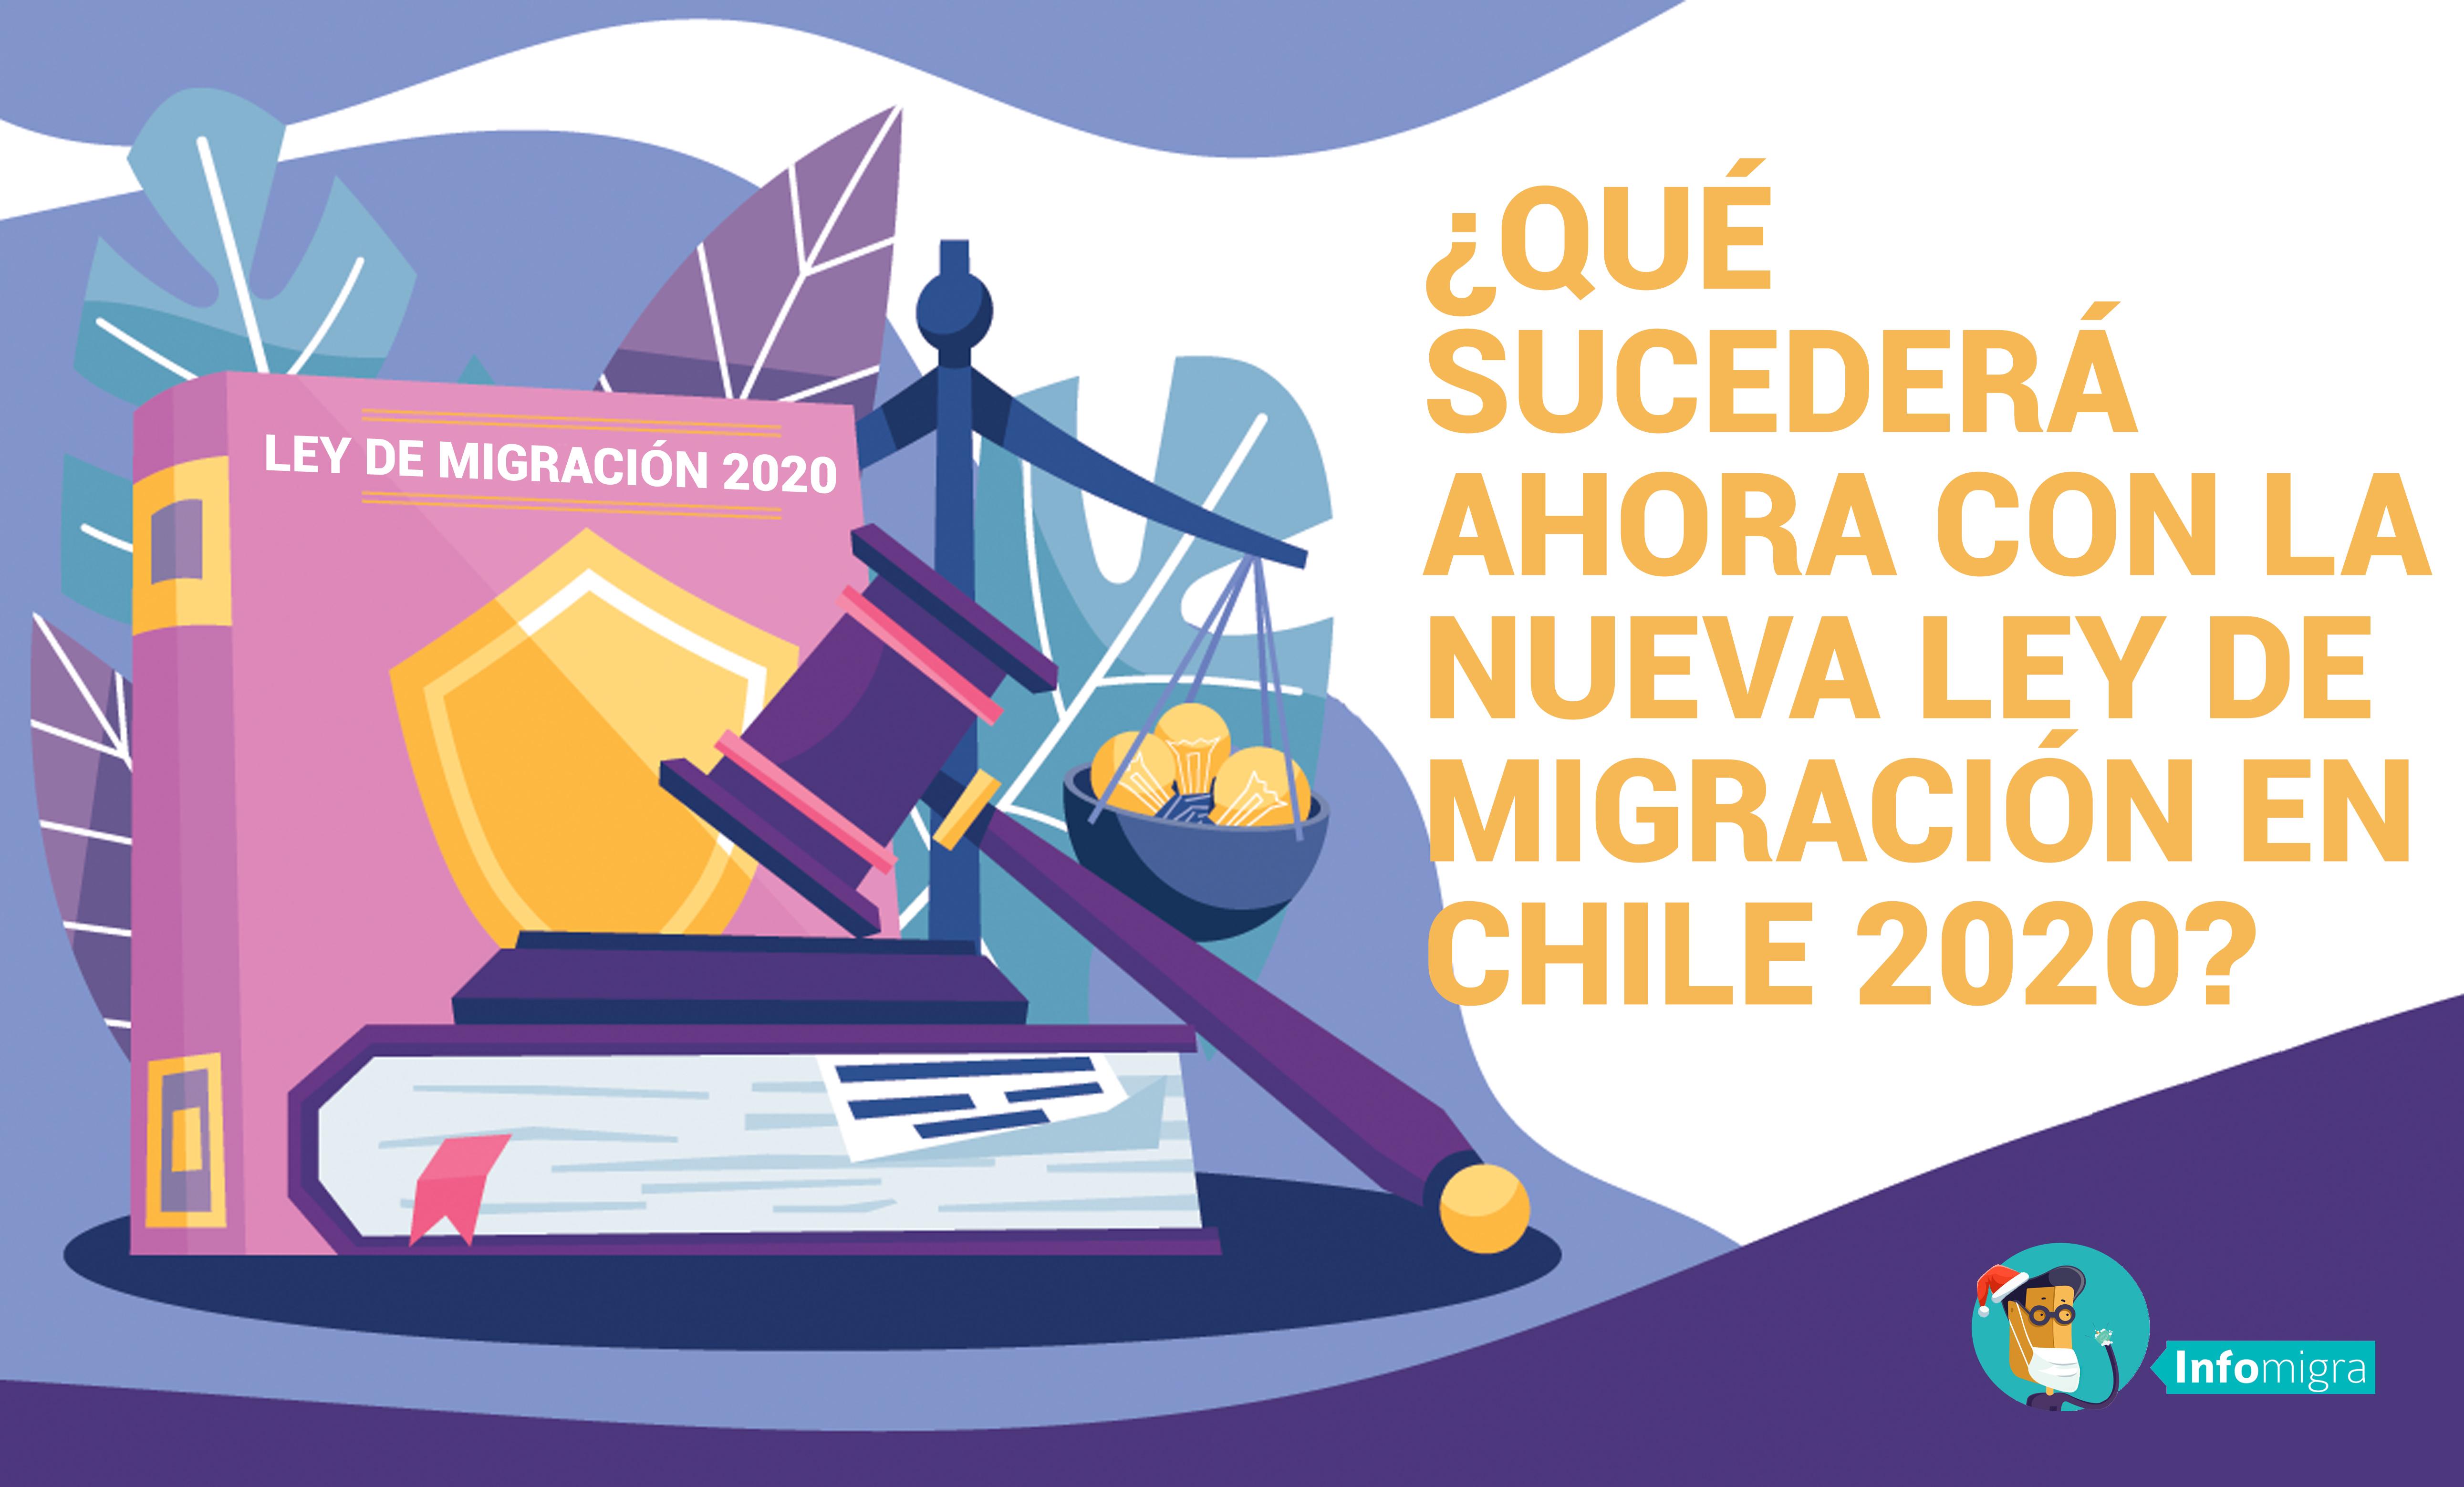 ¿QUÉ SUCEDERÁ AHORA CON LA NUEVA LEY DE MIGRACIÓN EN CHILE 2020?